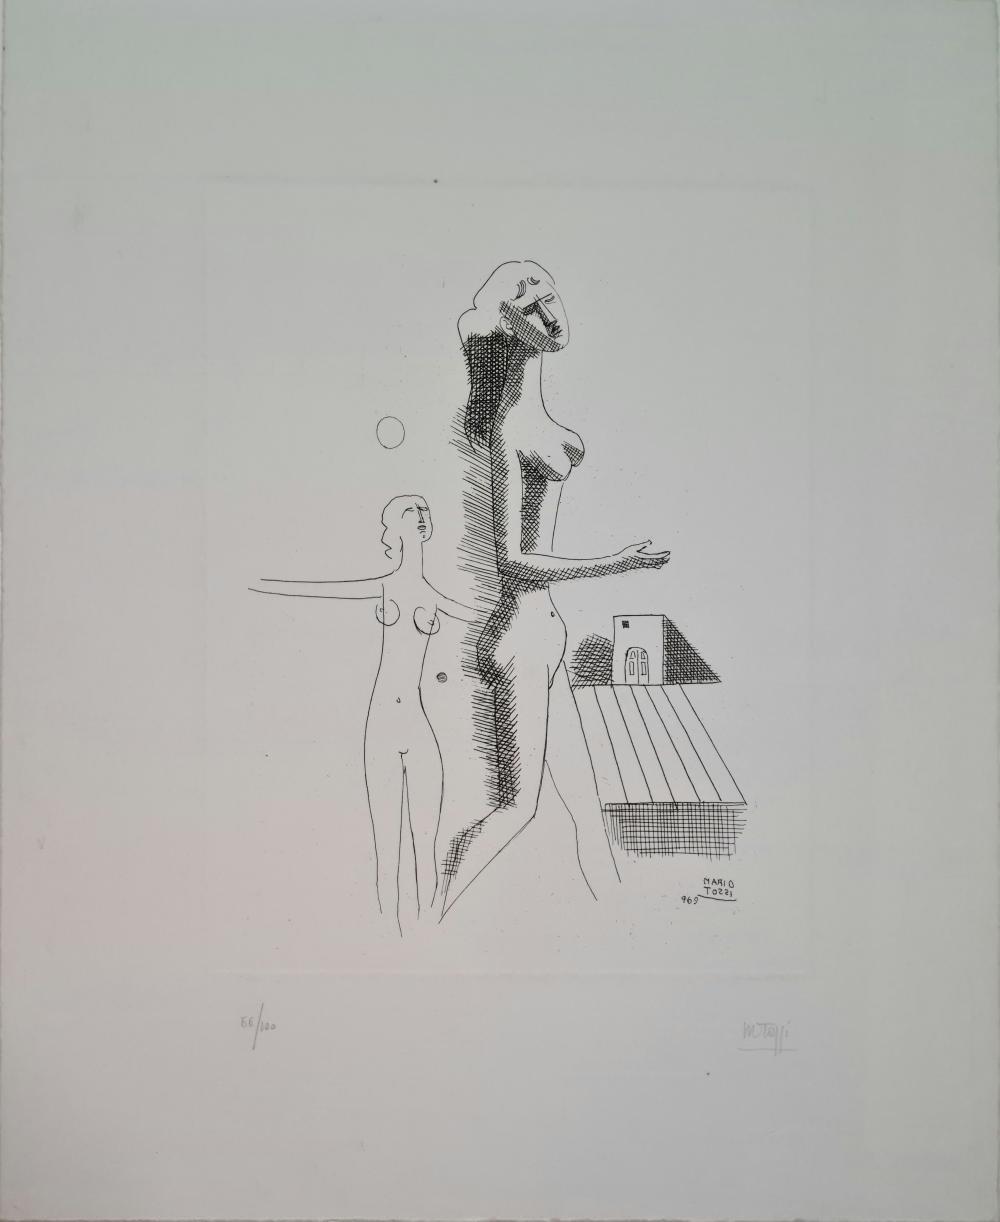 Tozzi Mario - Senza titolo, 1969